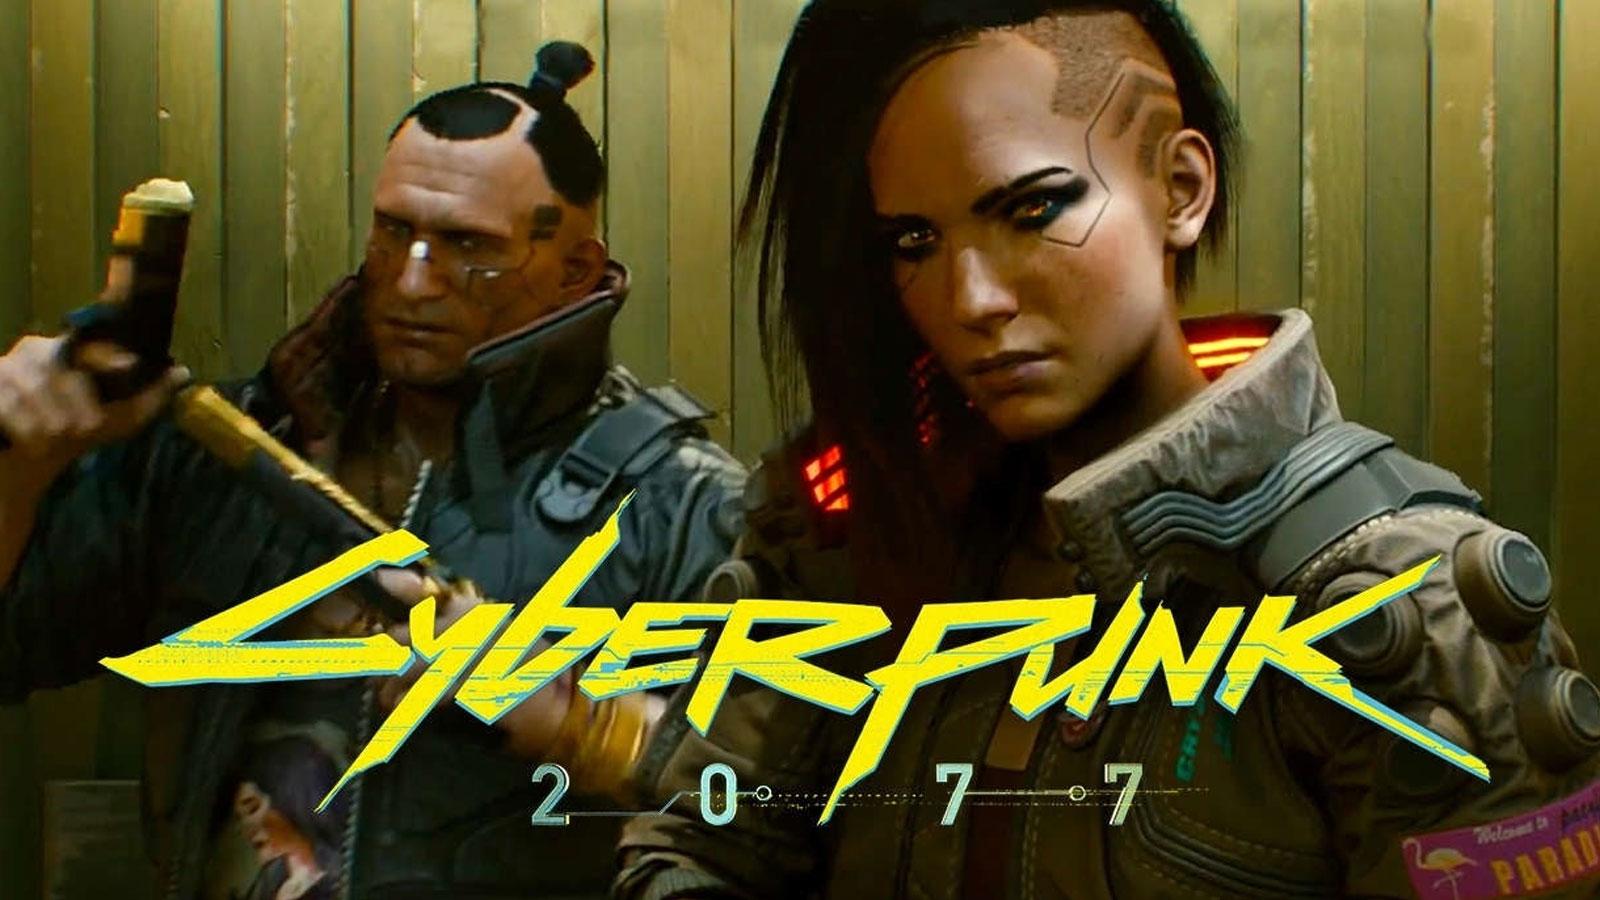 cyberpunk 2077 characters